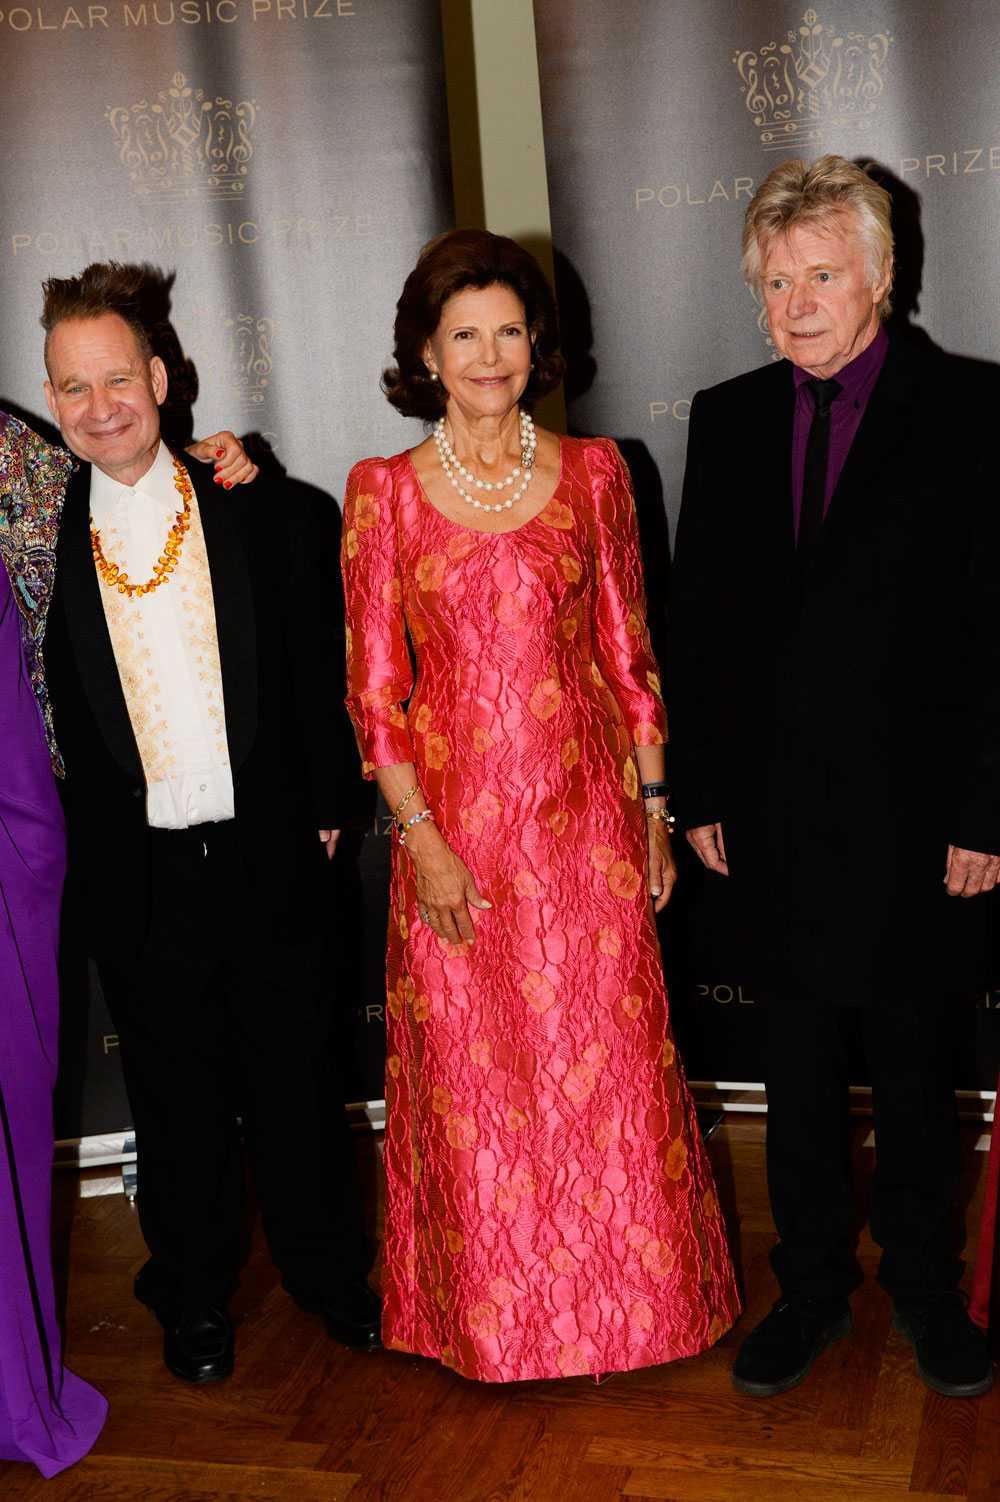 Drottning Silvia valde att inte delta under prisutdelningen, men närvarade senare på middagen.